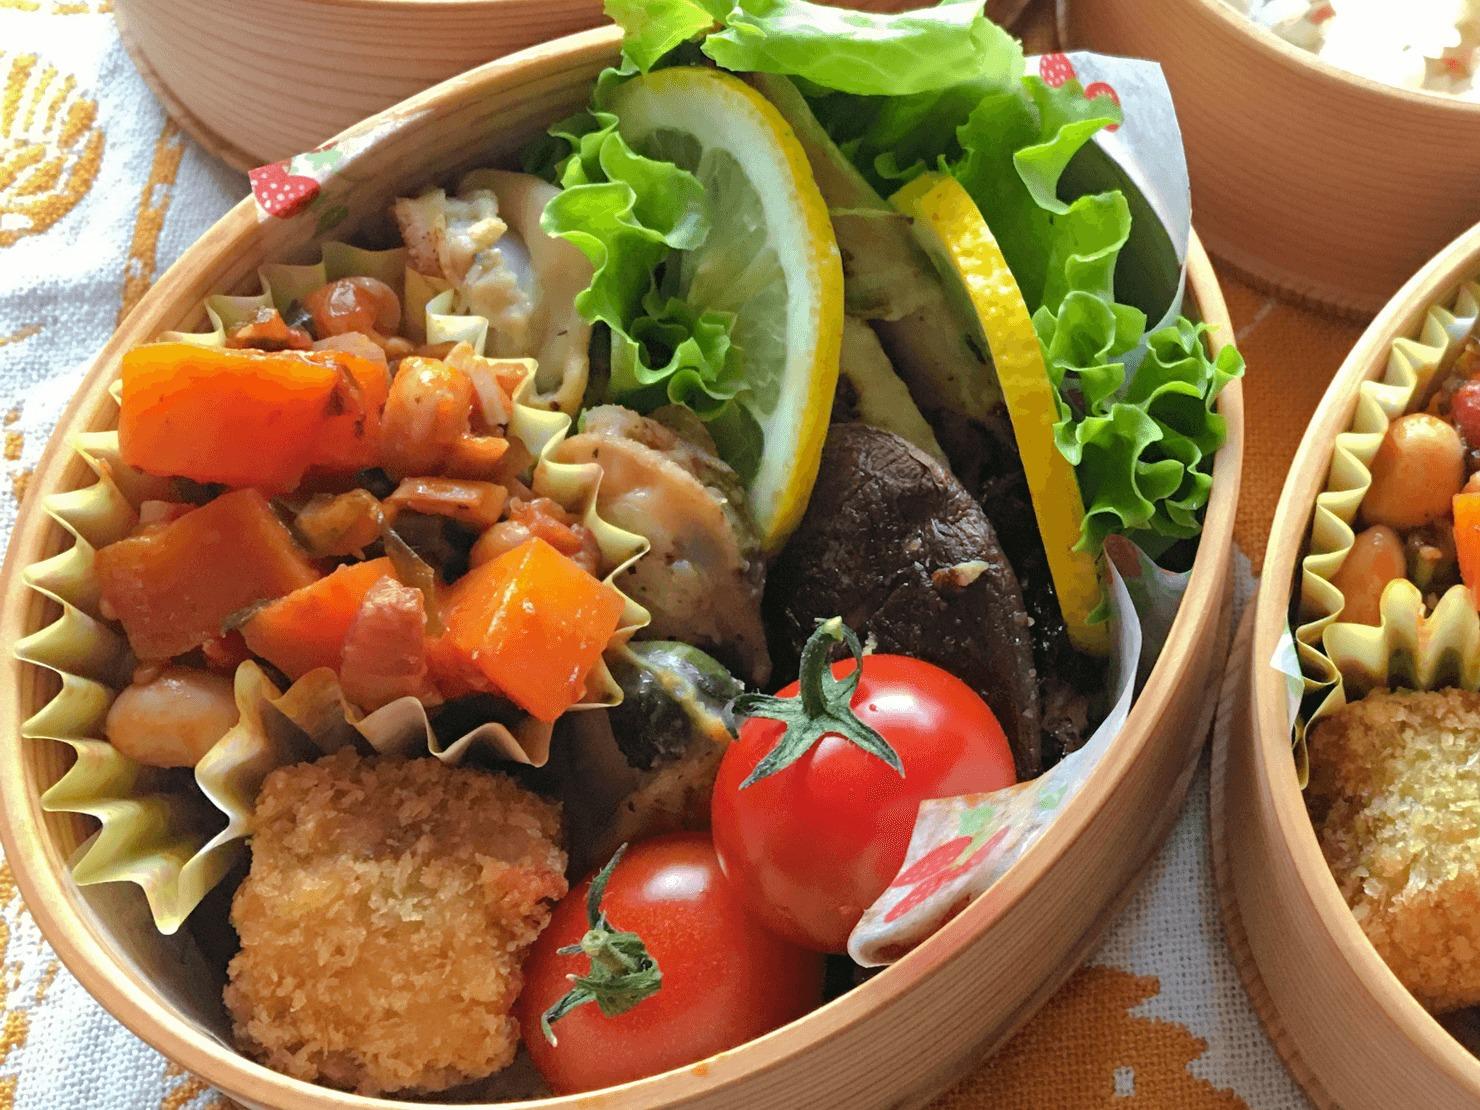 カーボロネロと豆の煮込み入りの弁当の写真